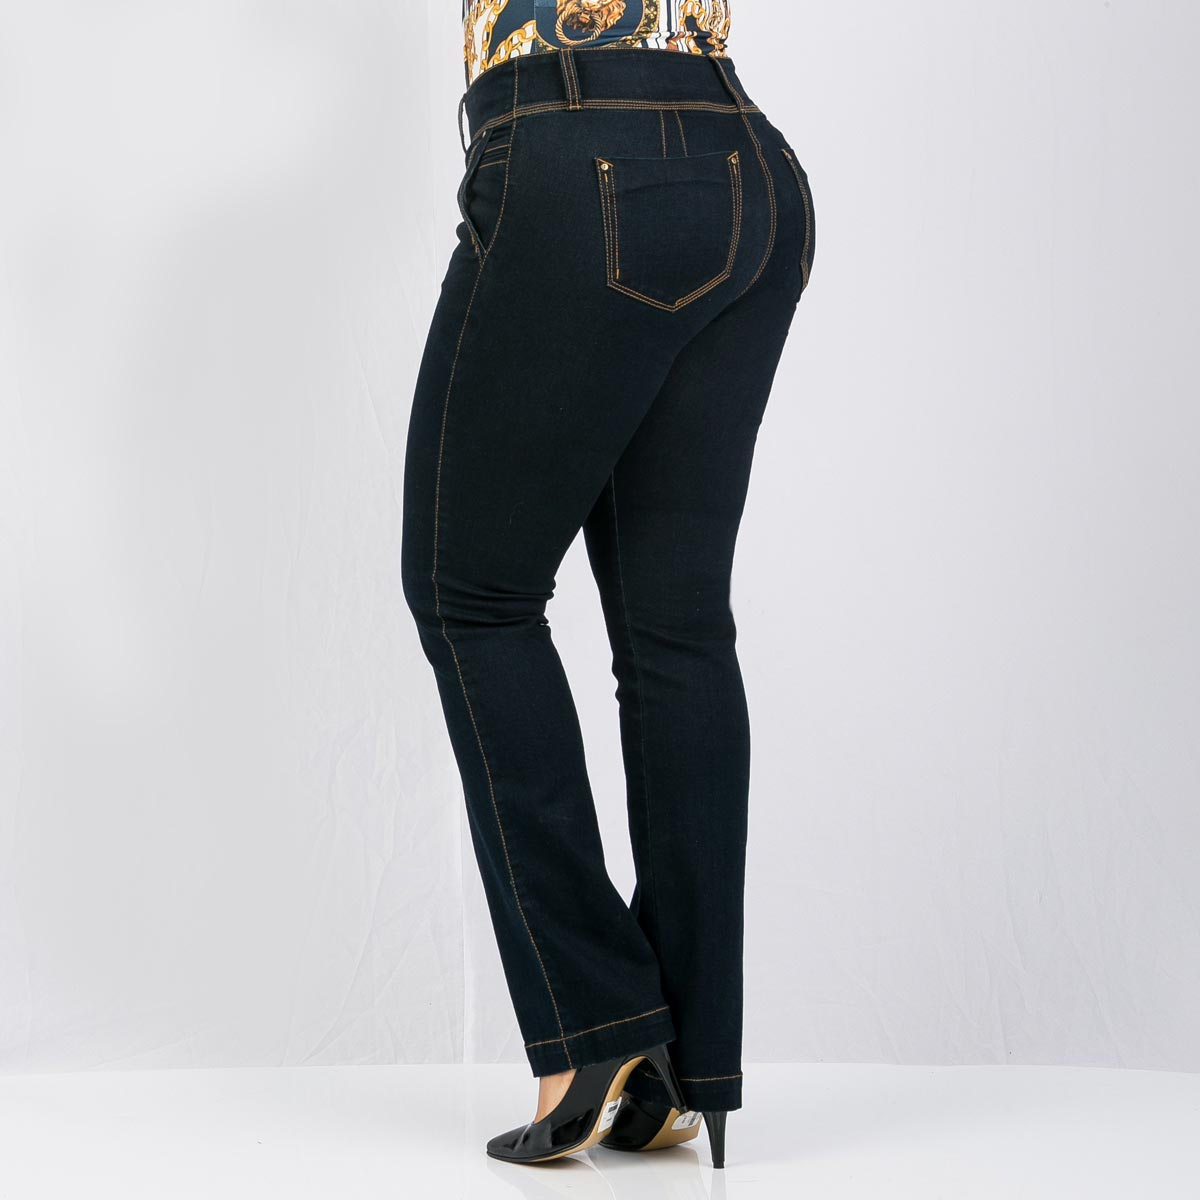 dbc03868dd Jean bota recta para mujer tallas grandes Farichi Studio tiene una  característica